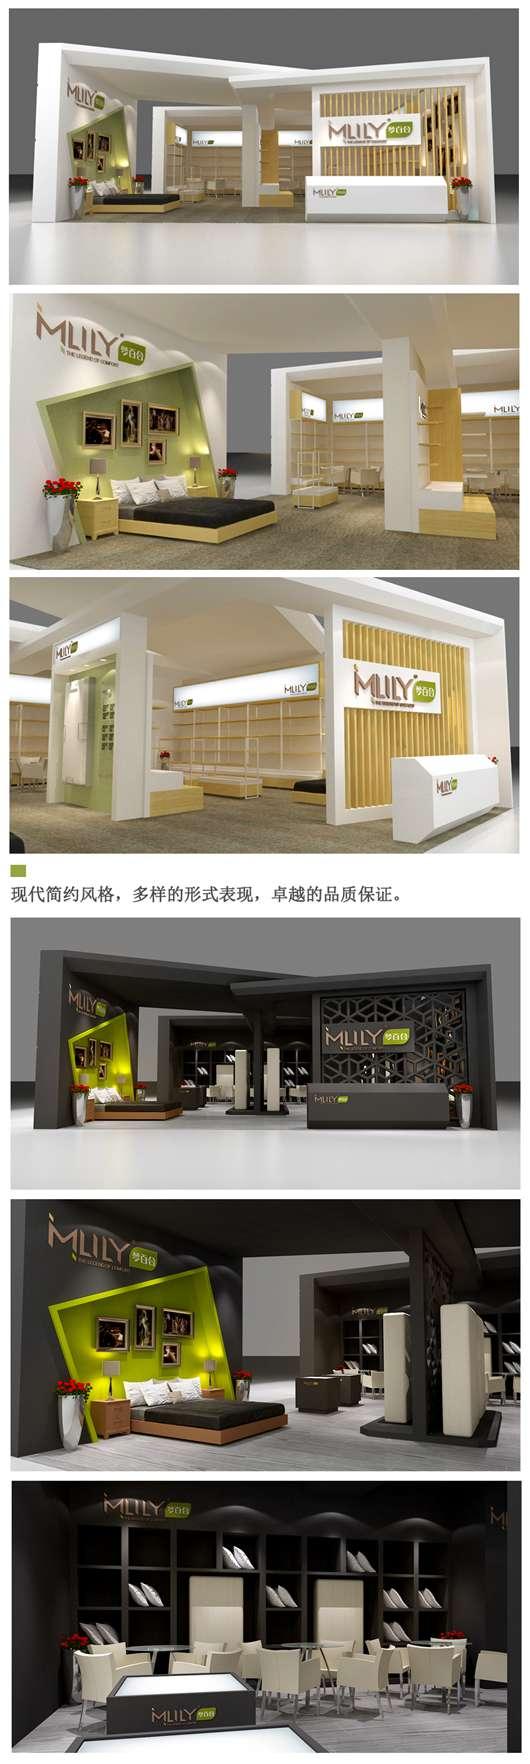 2014中国国际家用纺织品及辅料博览会-----梦百合